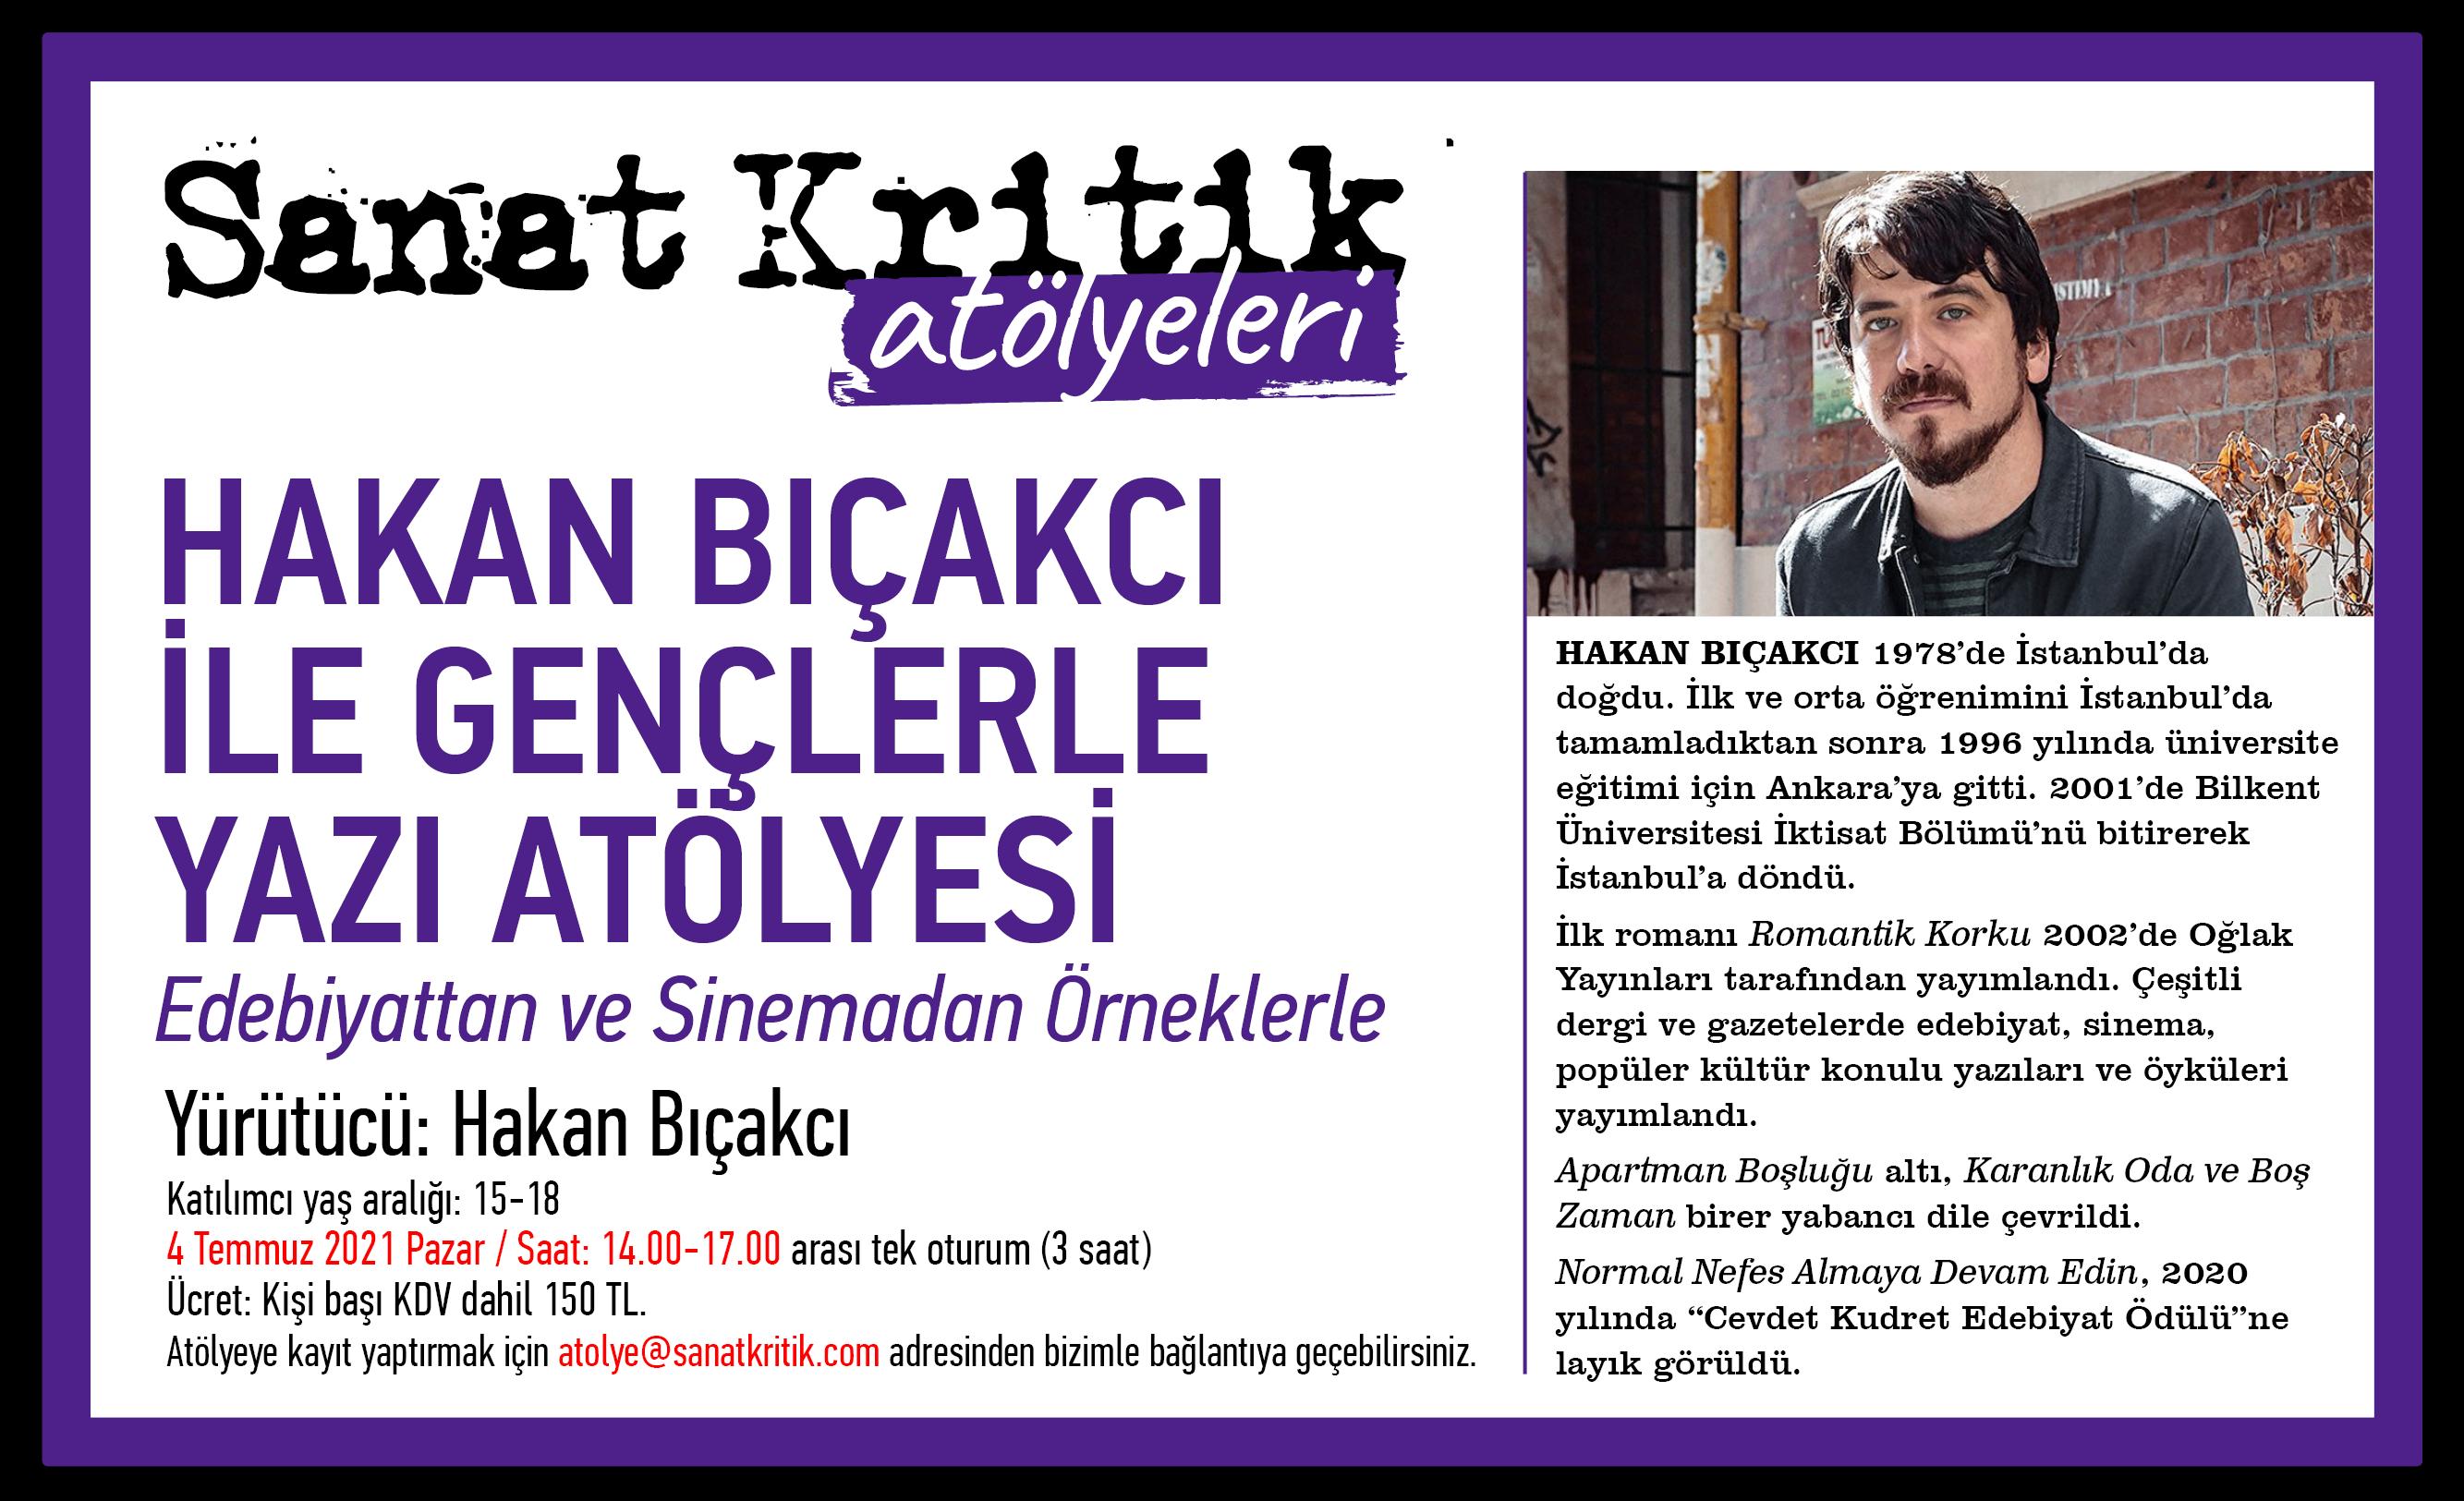 Sanat-Kritik-atolye_HB2-1-1